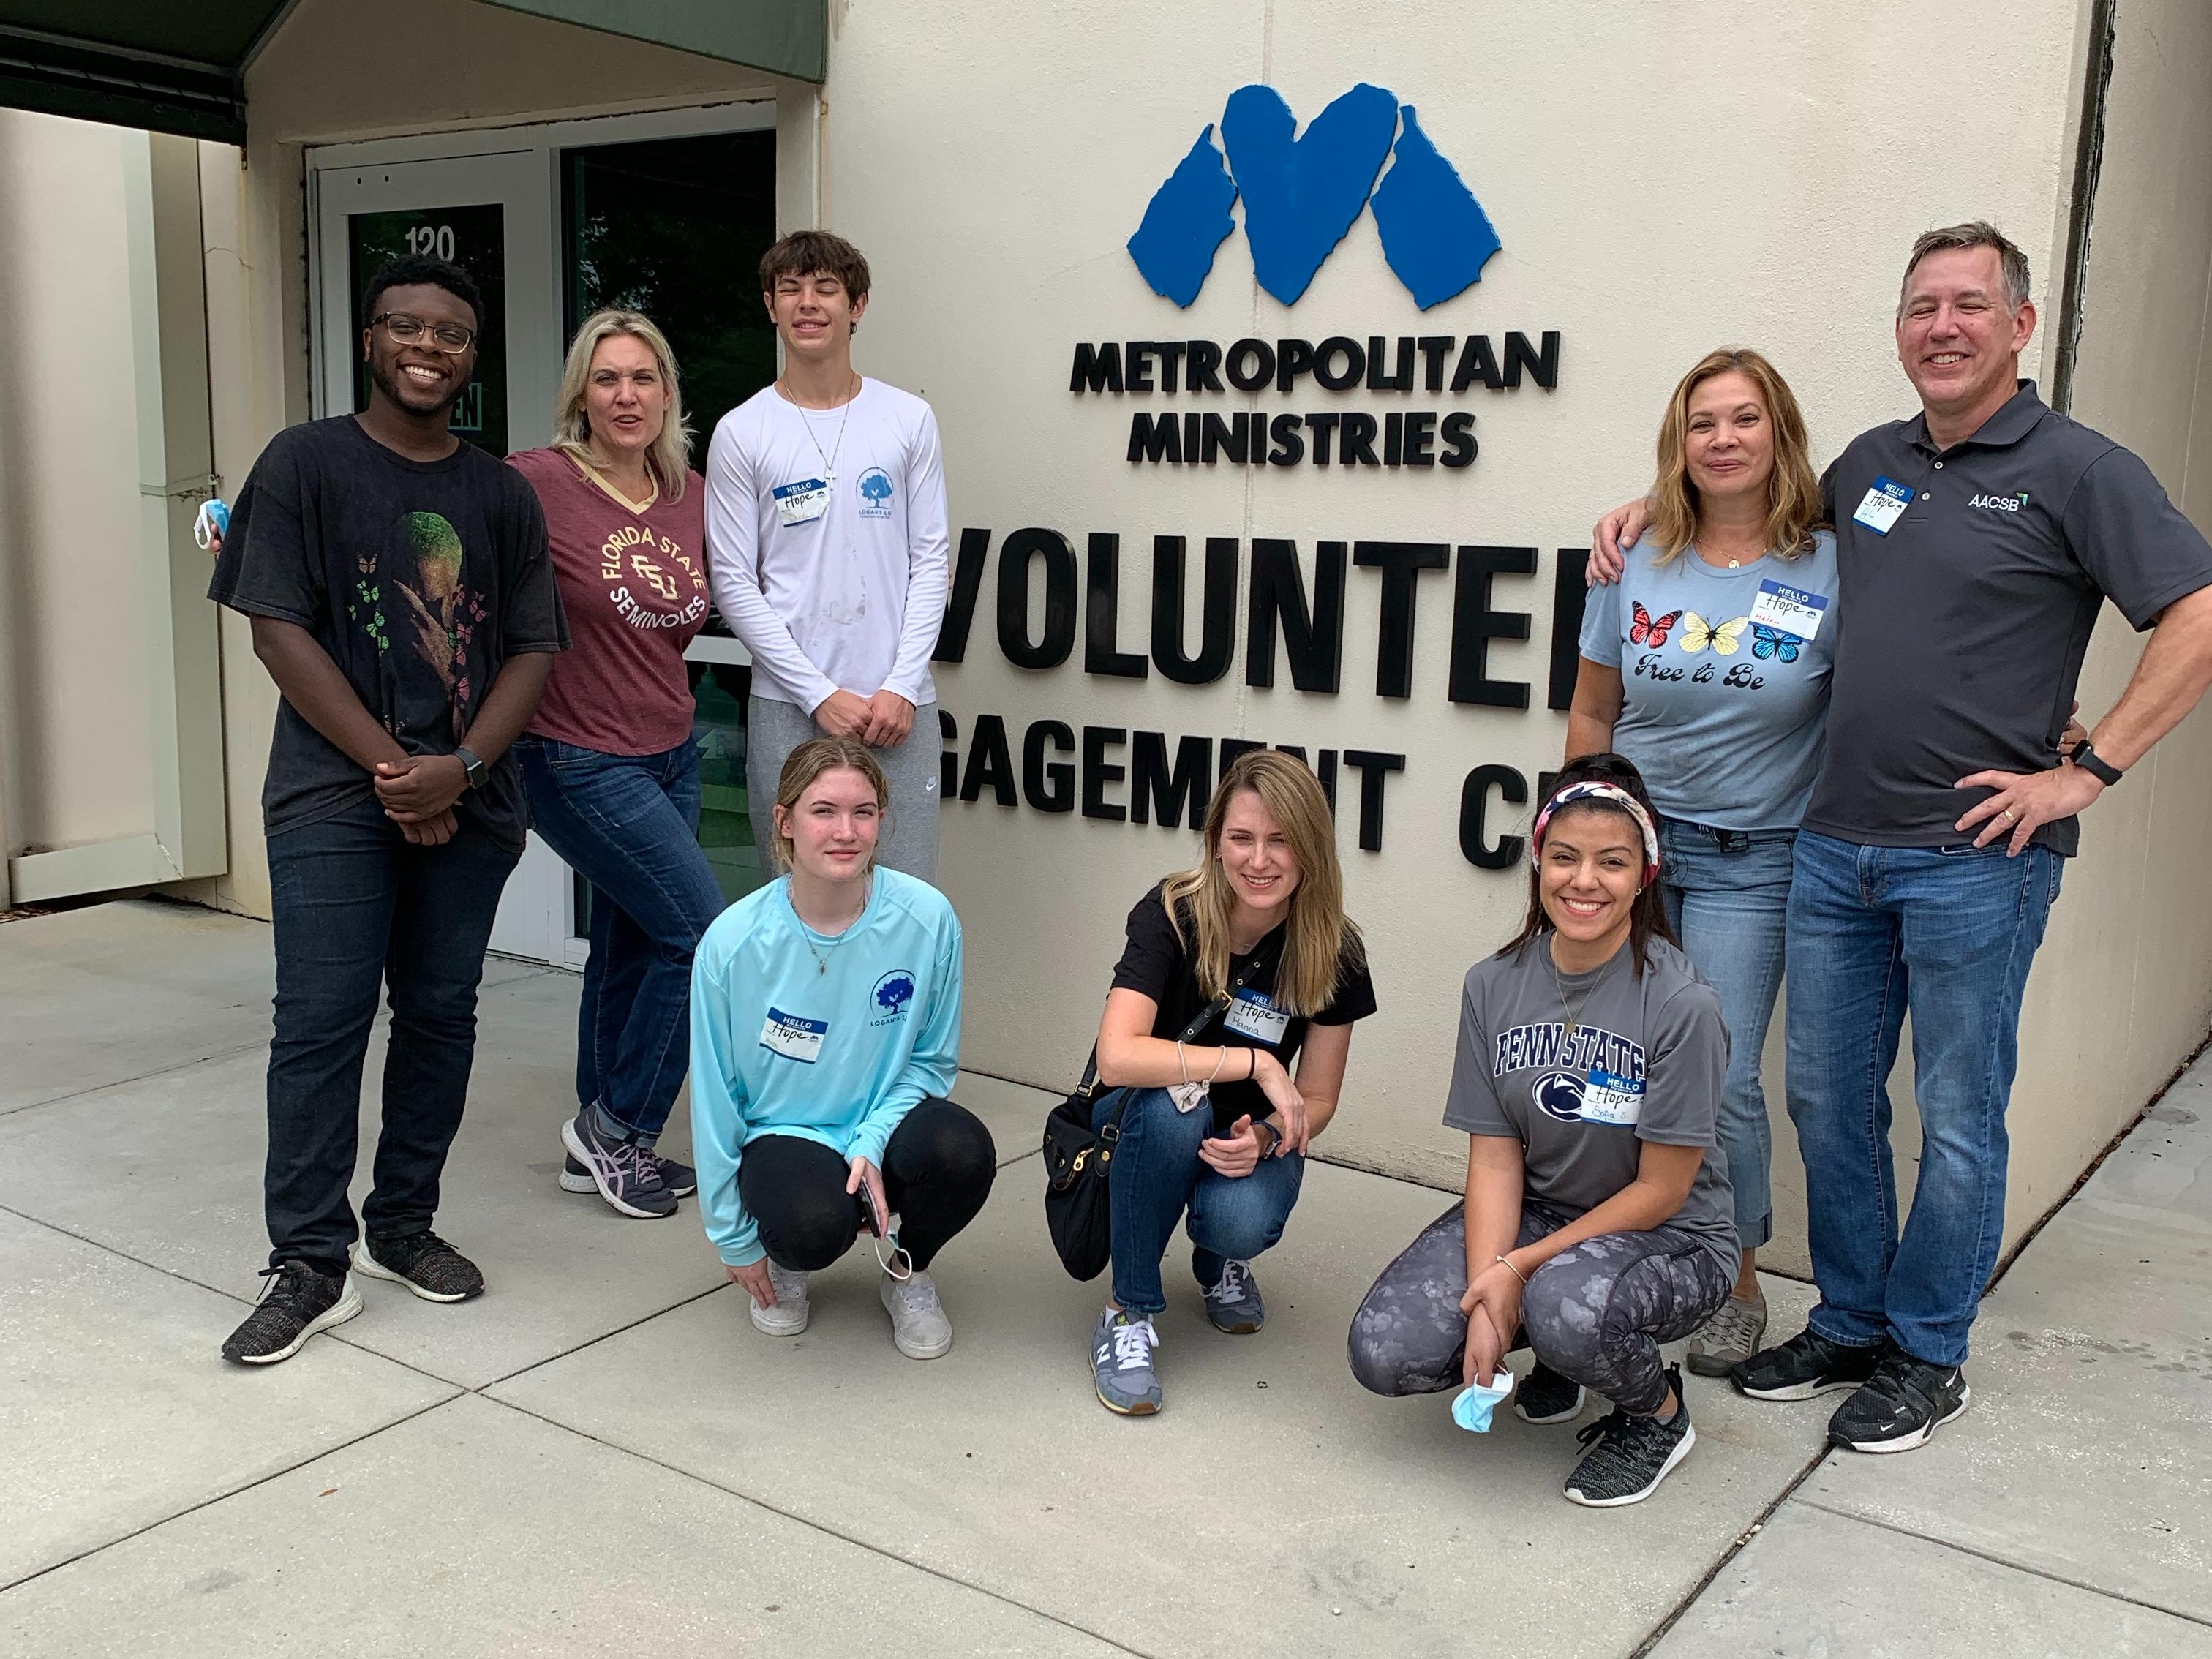 Volunteering at Metropolitan Ministries